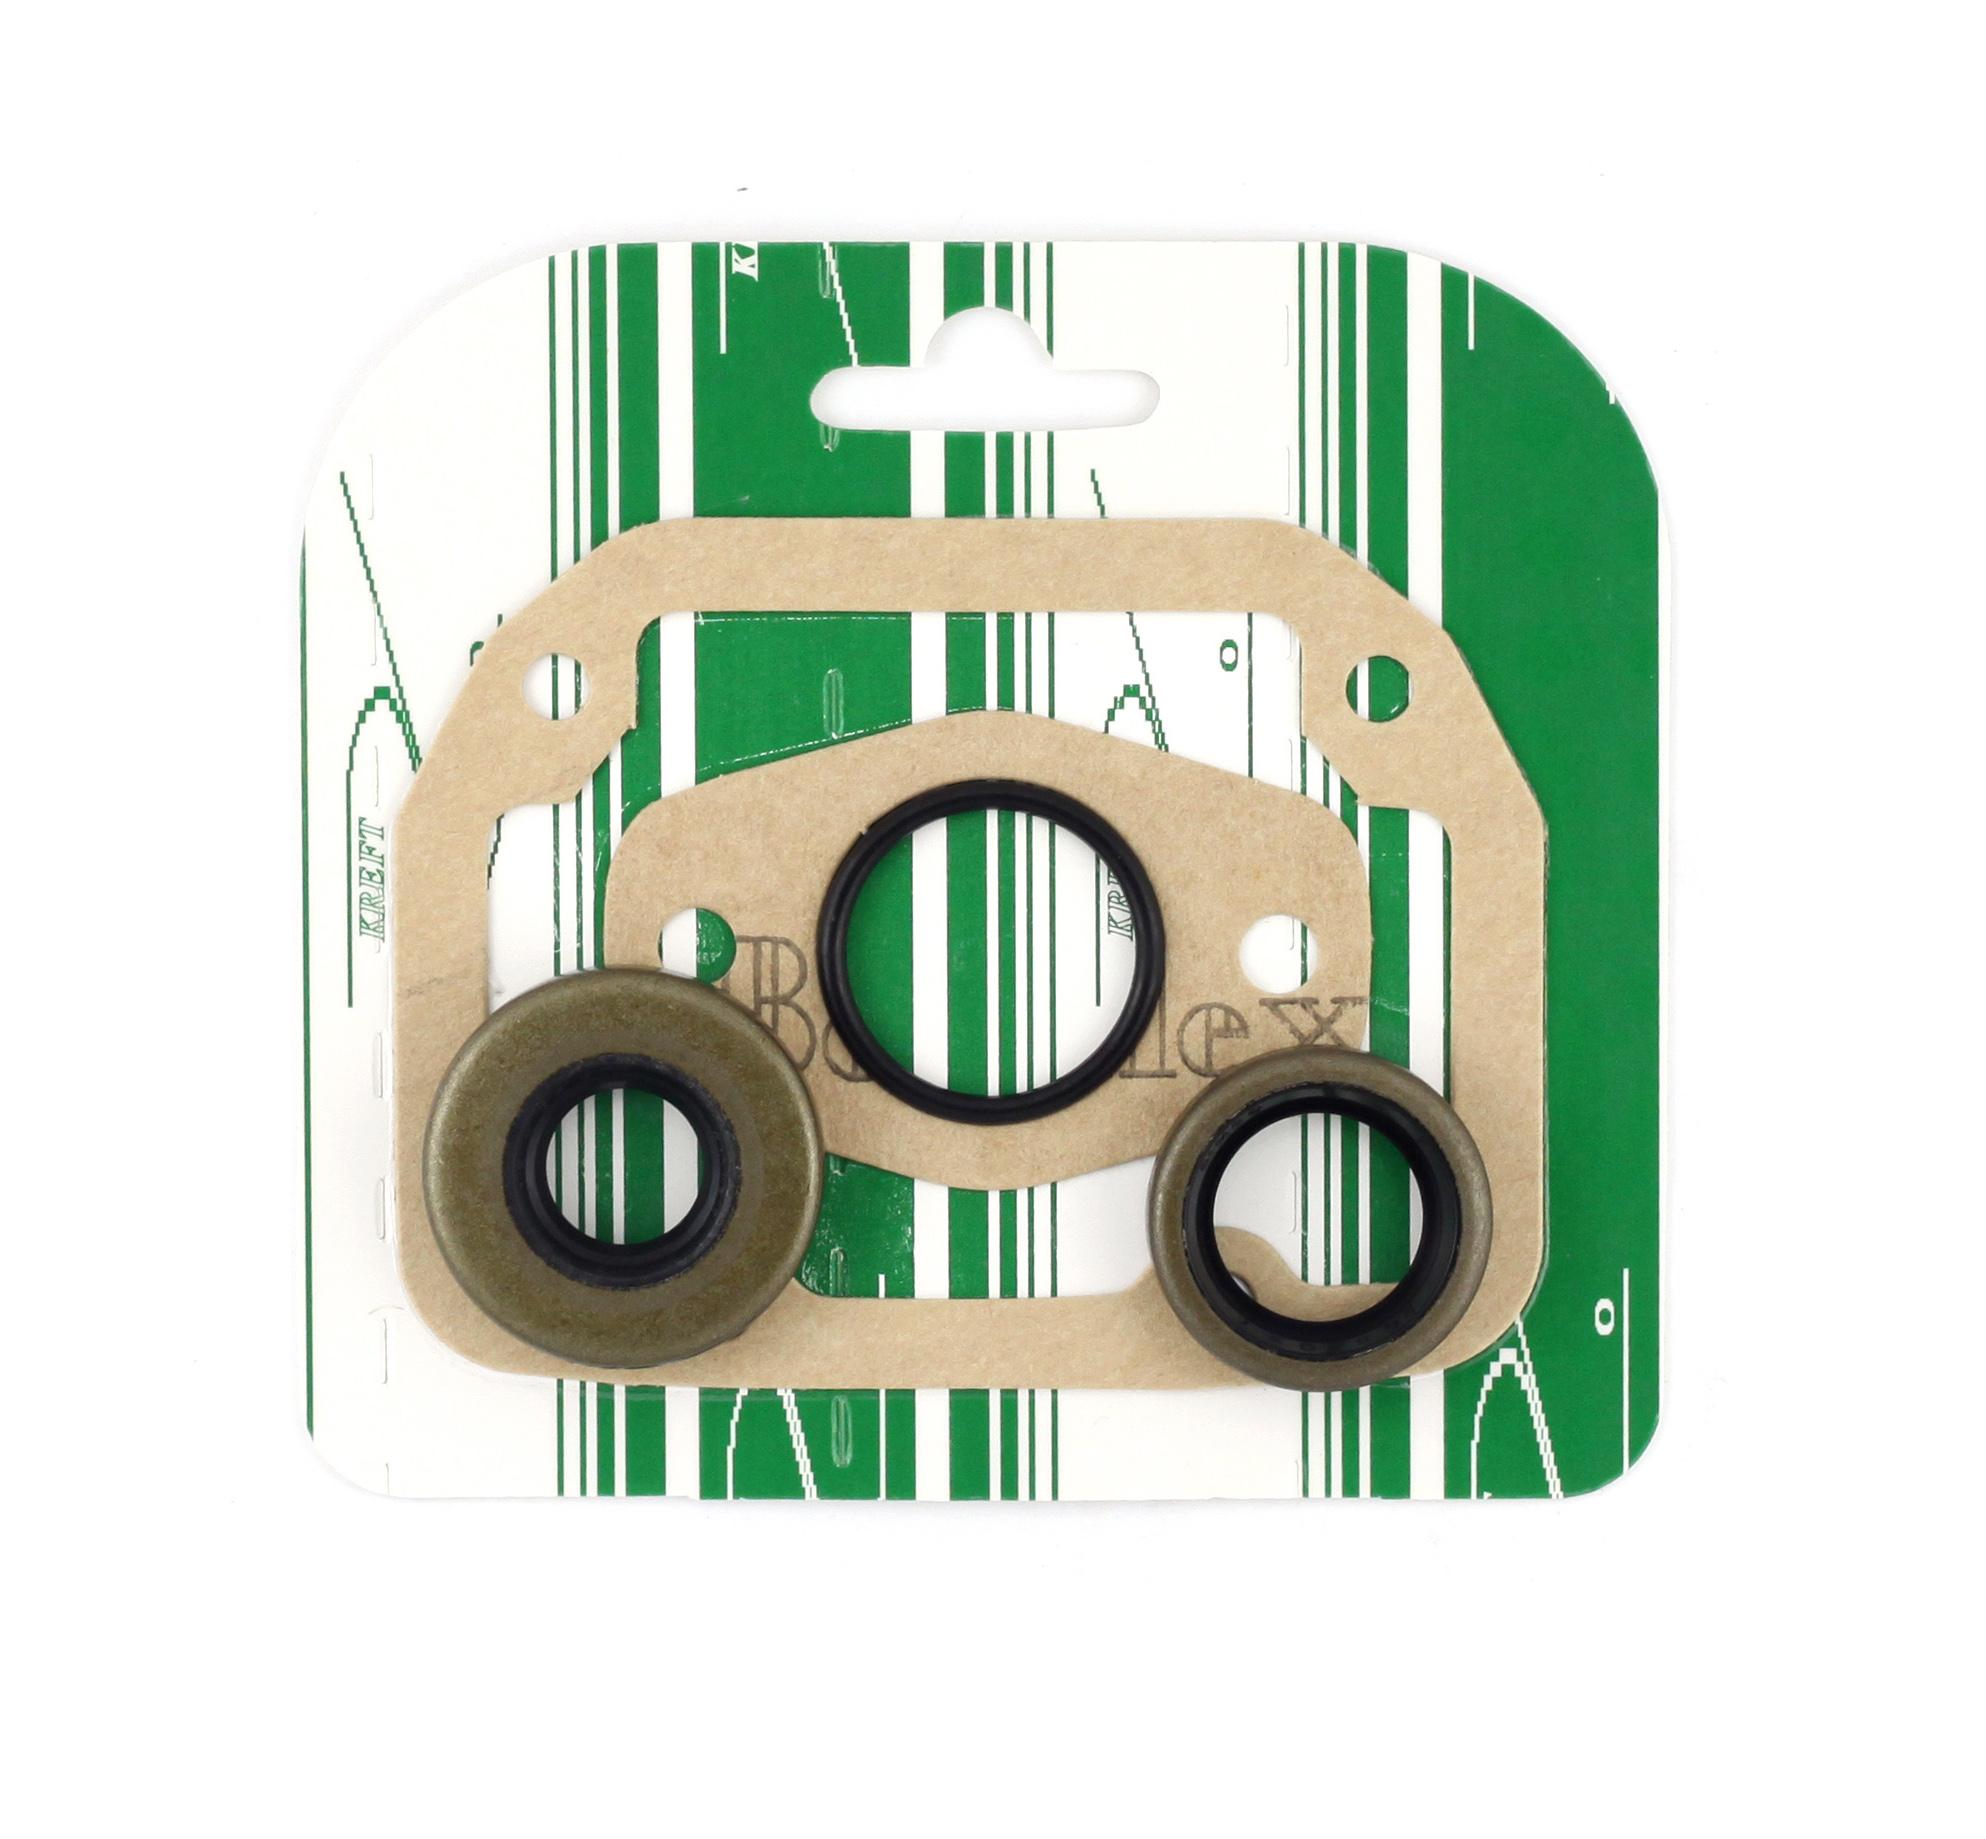 комплект прокладки редуктора рулевого управления fiat 126p